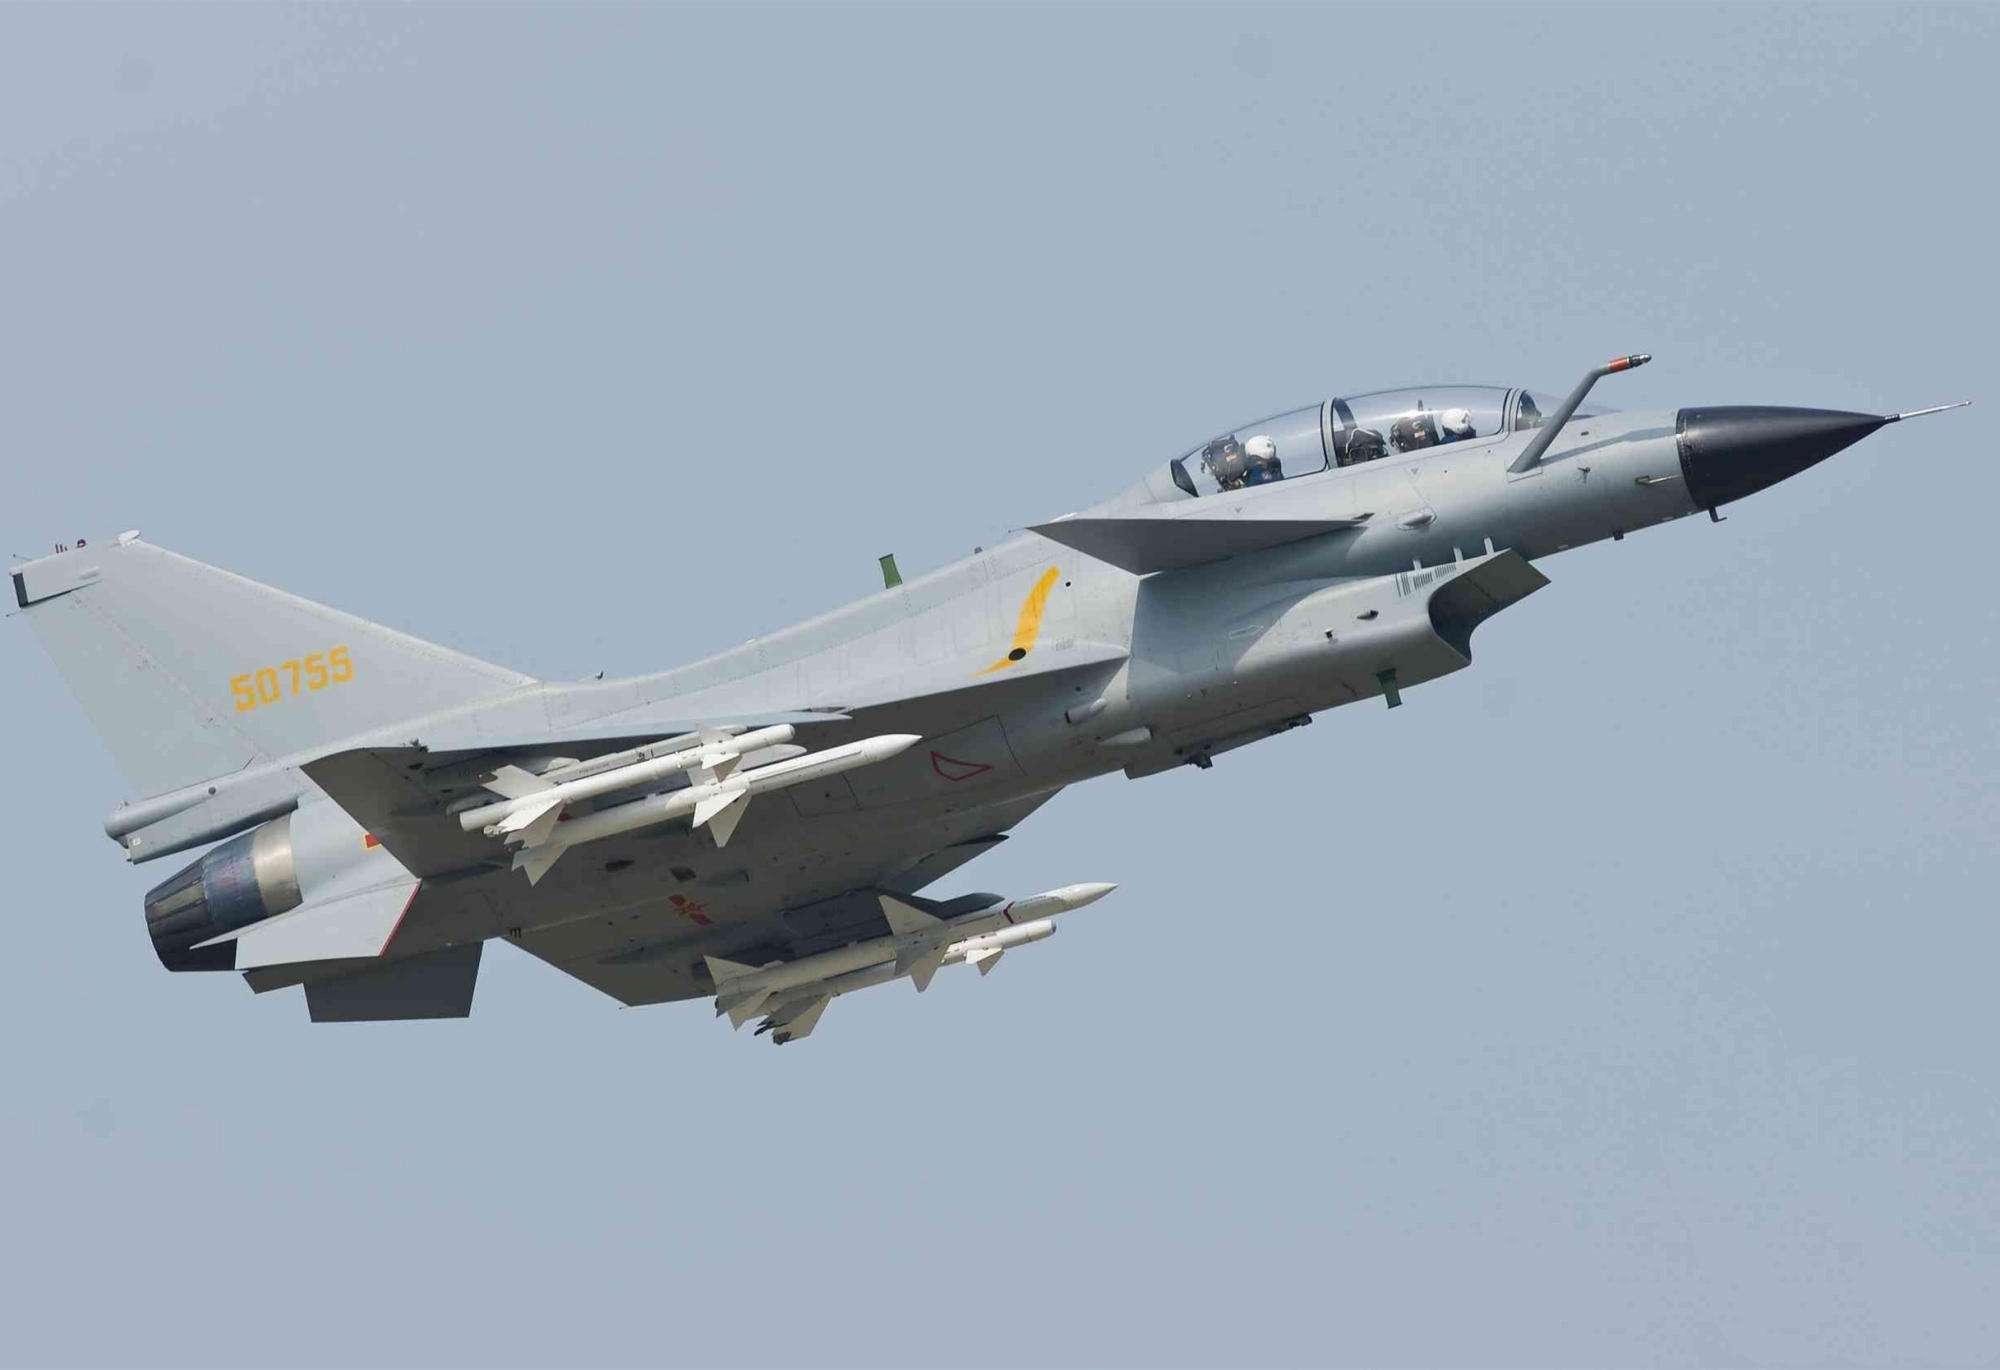 大批殲10 – C飛抵巴基斯坦,機身無中國標志?或與陣風交手!